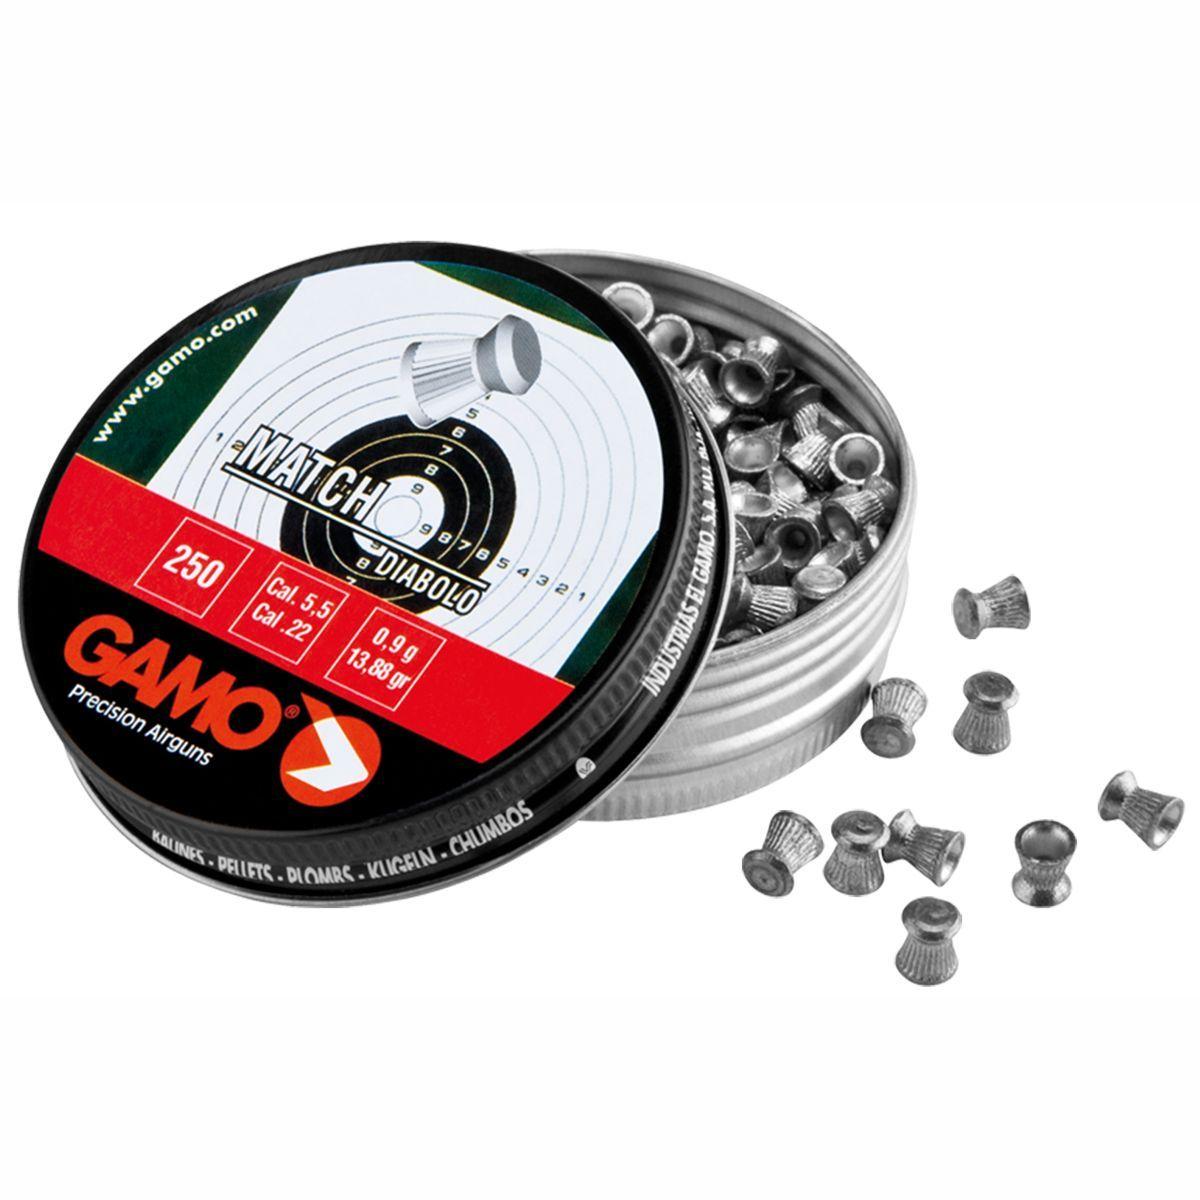 Chumbinho Gamo Match Diabolo Cal. 5,5mm - 250 unidades